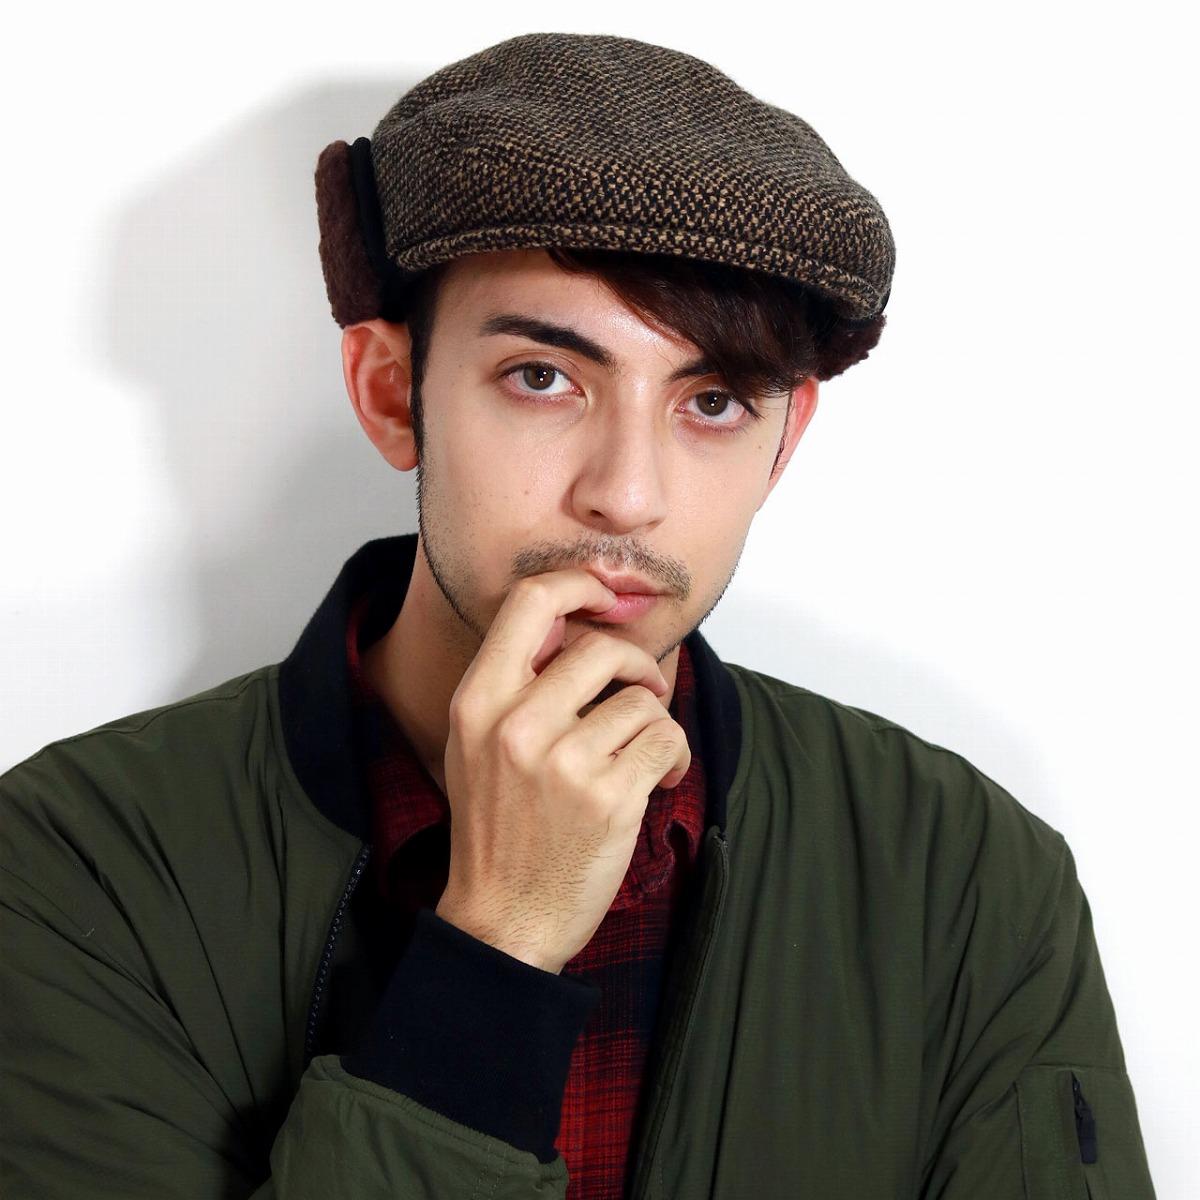 ハンチング 耳当て 日本製 紳士 温かい ボア イヤーマフ メンズ 防寒 イヤーフラップ 茶 帽子 ウィンタースポーツ 海外旅行 アウトドア ぼうし 狩猟帽 / ブラウン[ ivy cap ]